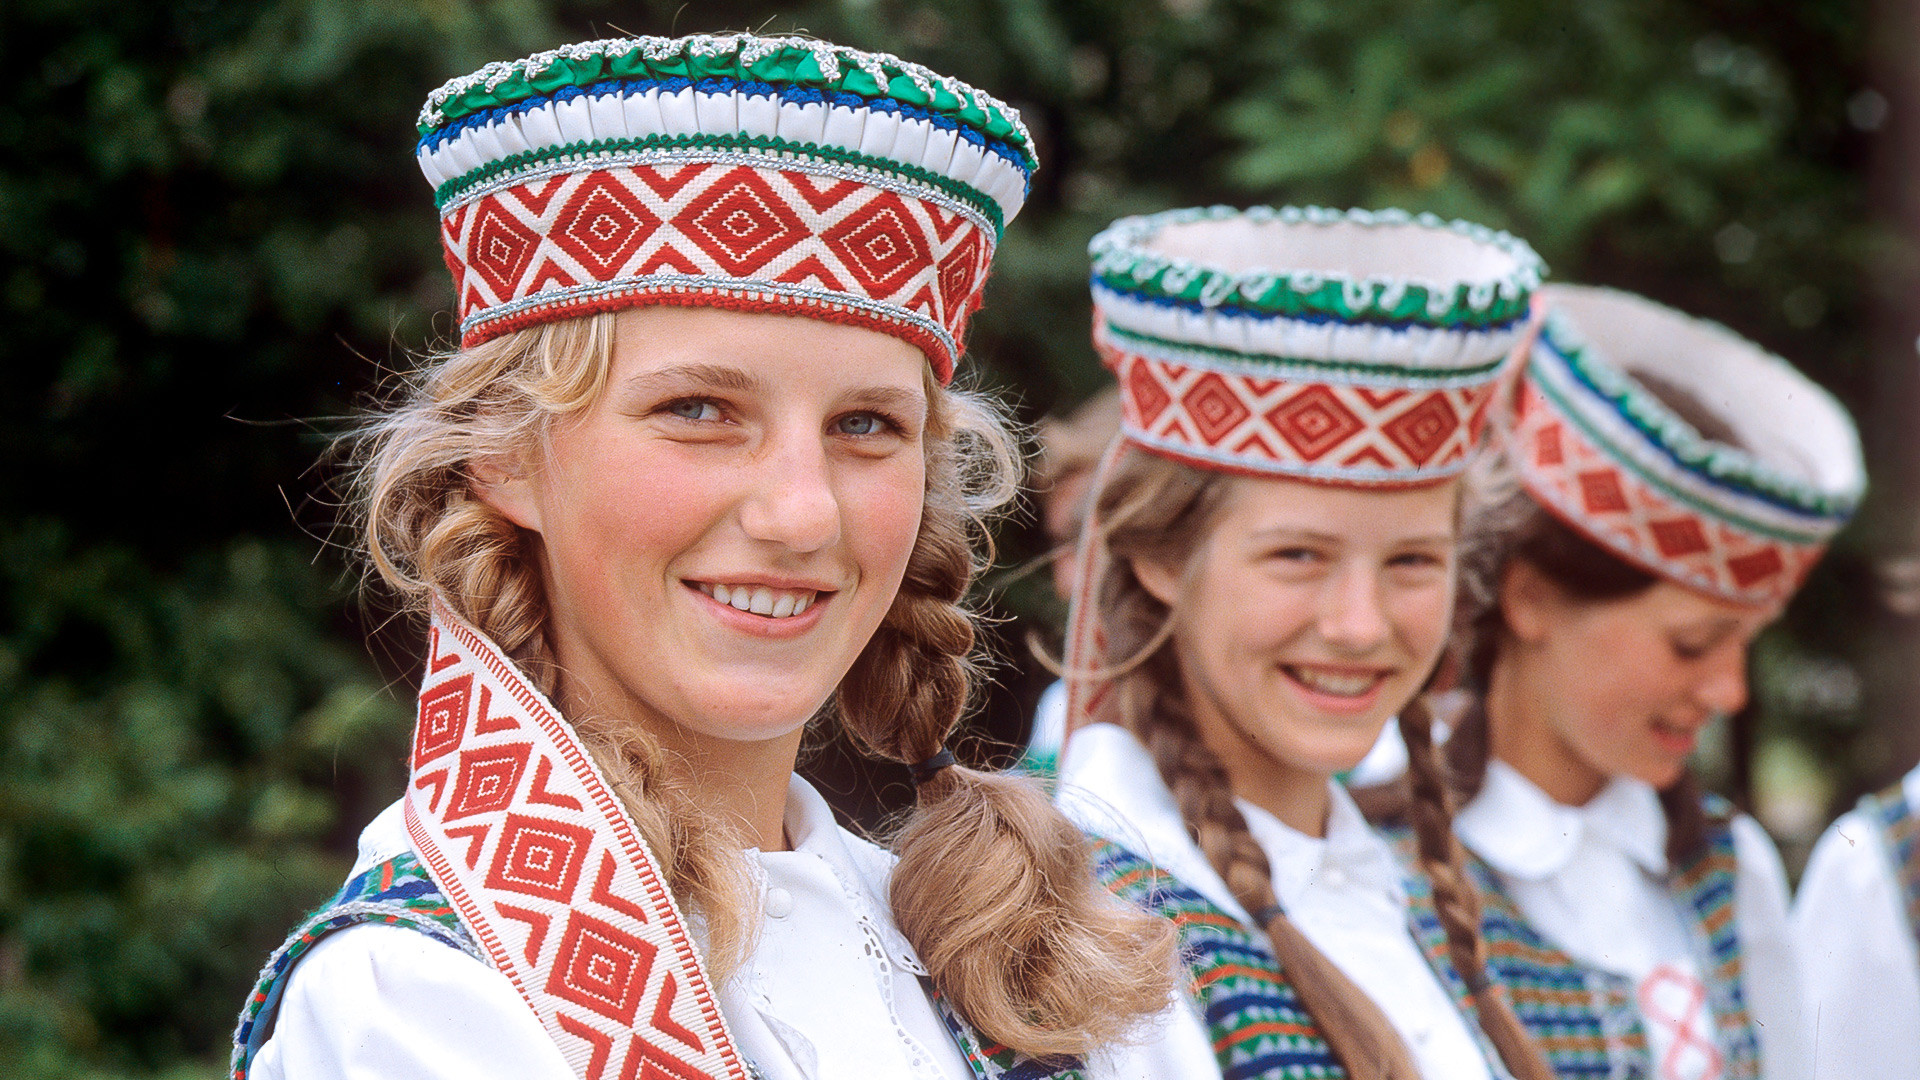 伝統服装を着ているリトアニア人女性